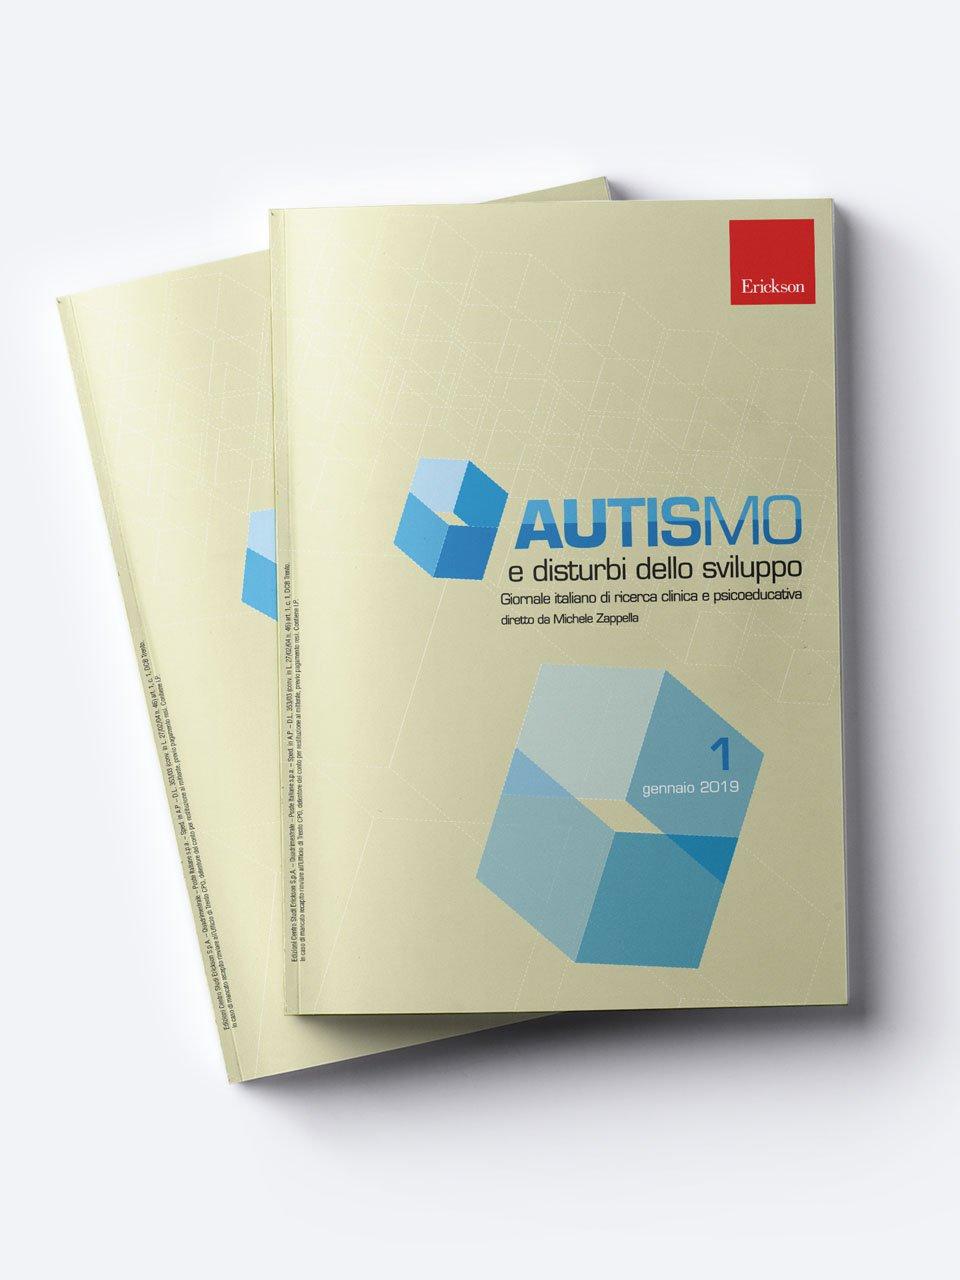 Autismo e disturbi dello sviluppo - Laboratori di creatività per l'autismo - Libri - Erickson